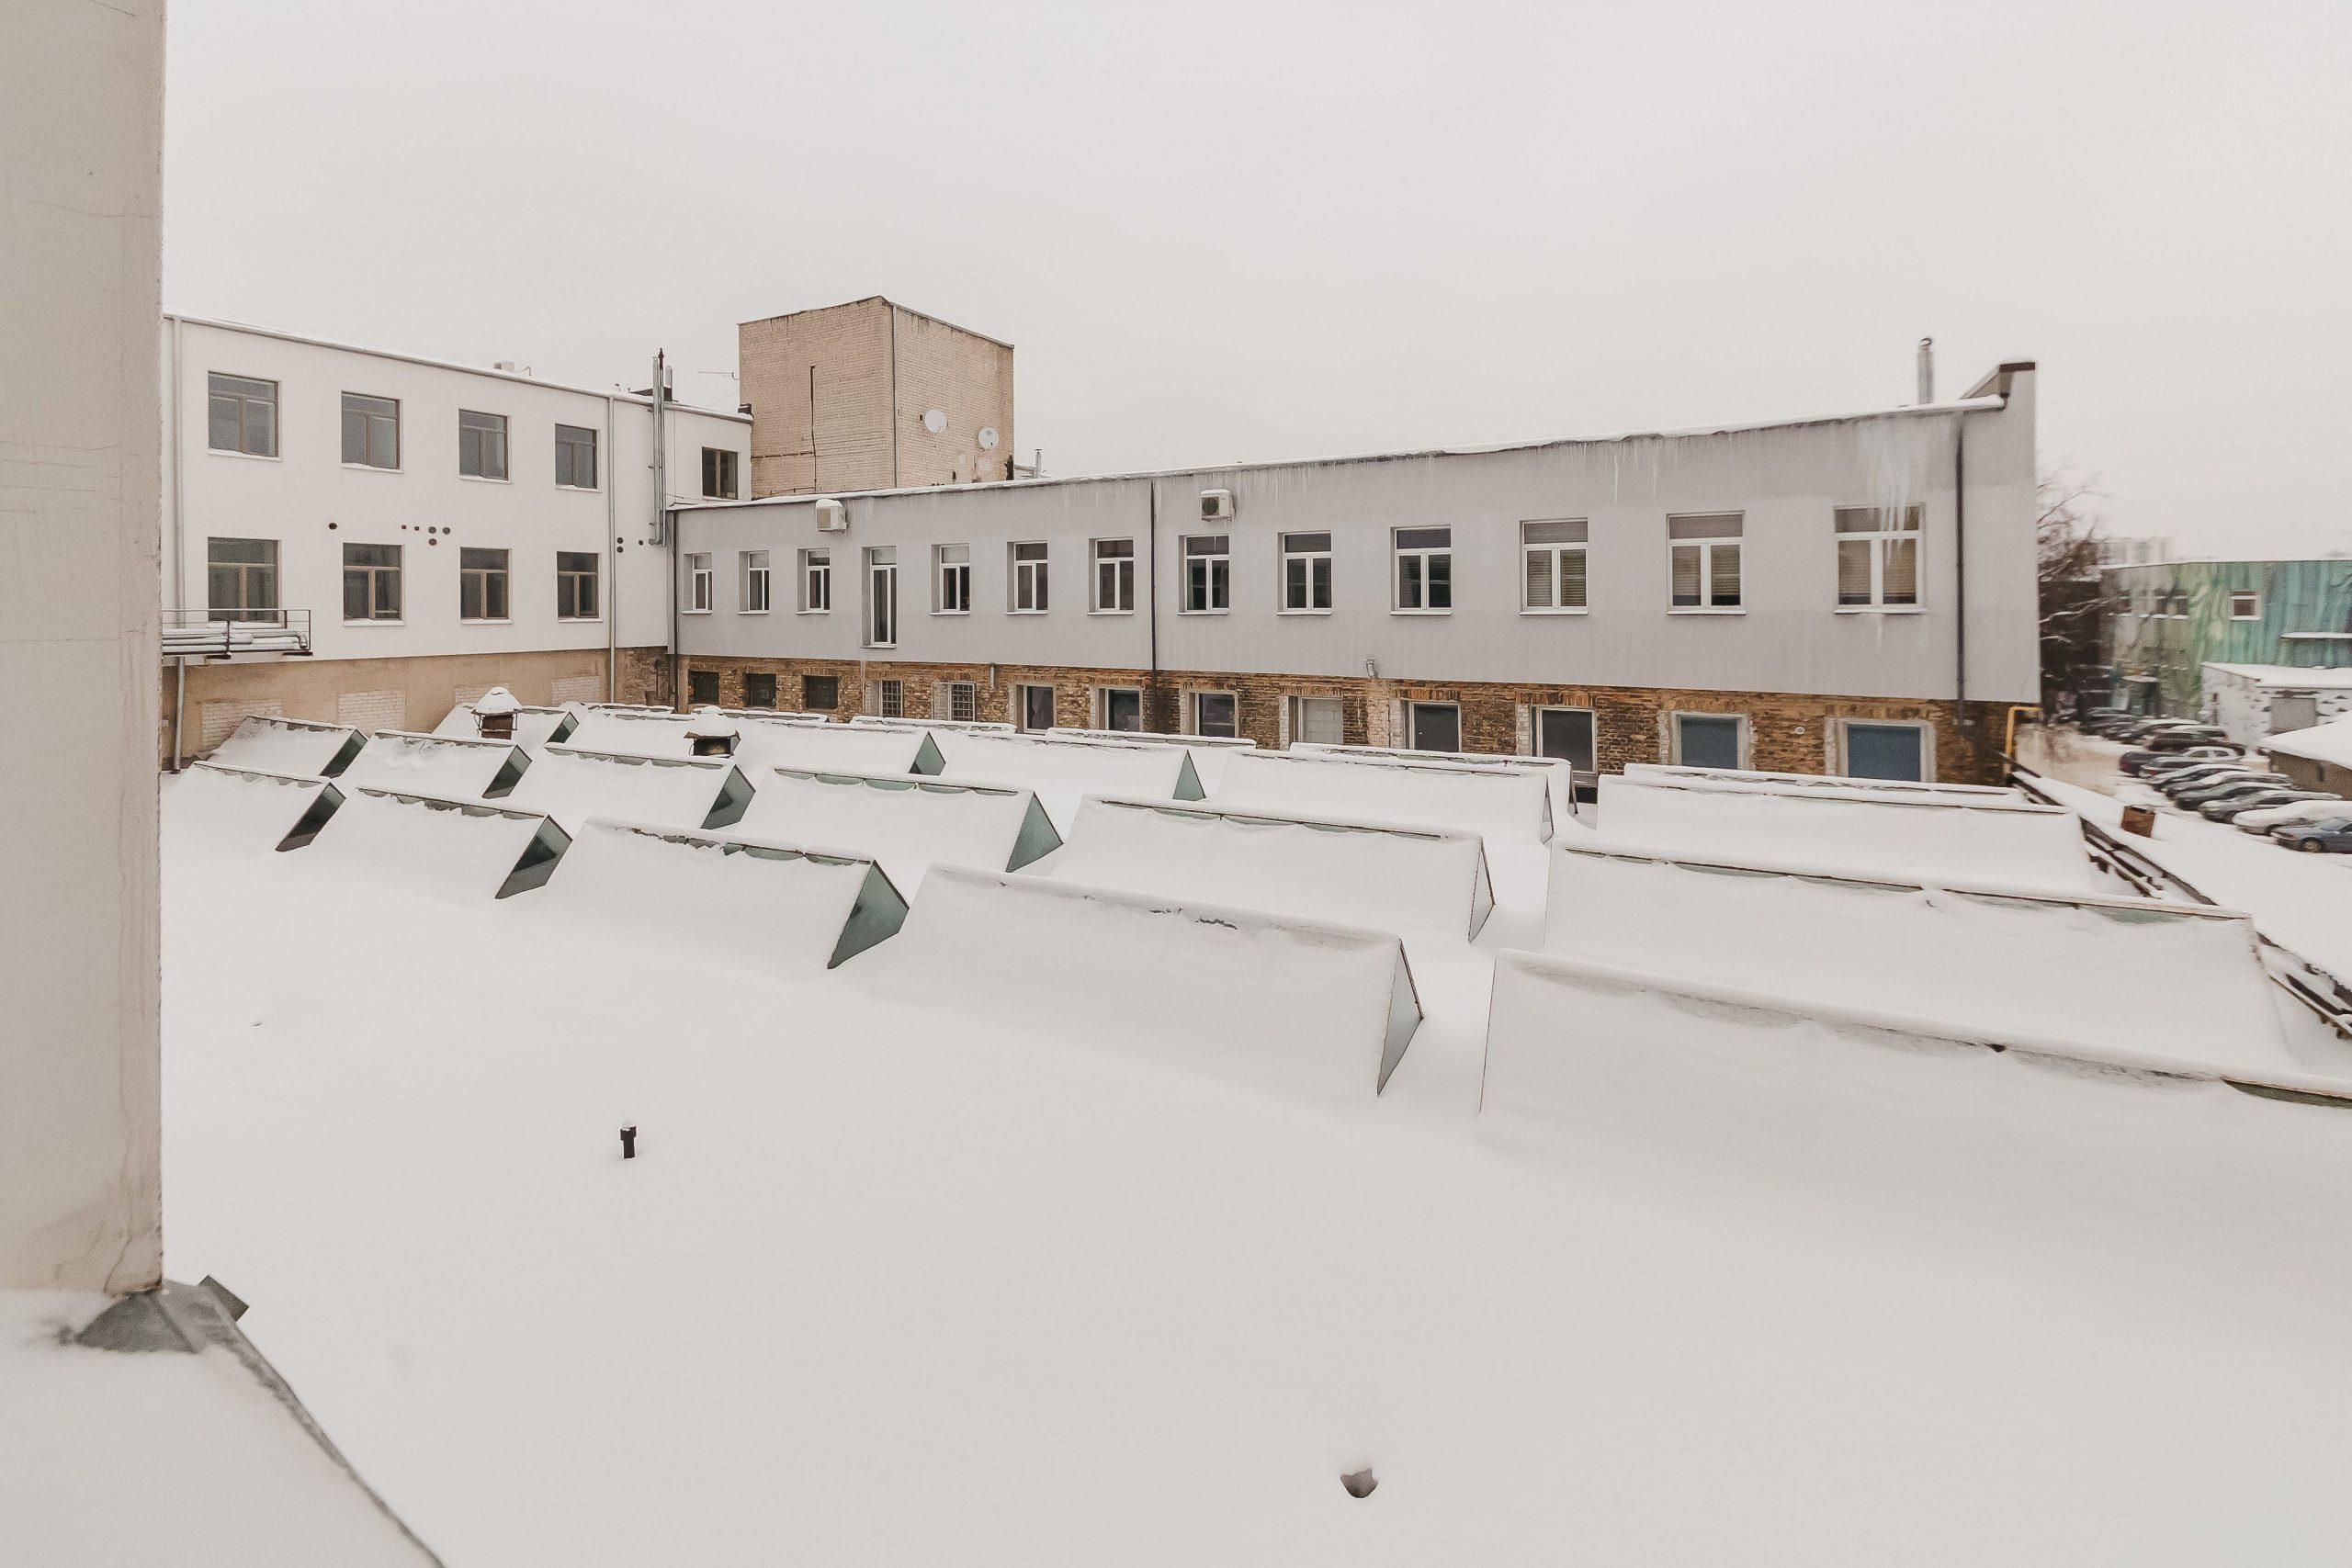 Ankstesnis vaizdas pro Vytenio g. 48 pastato vidinį kiemą